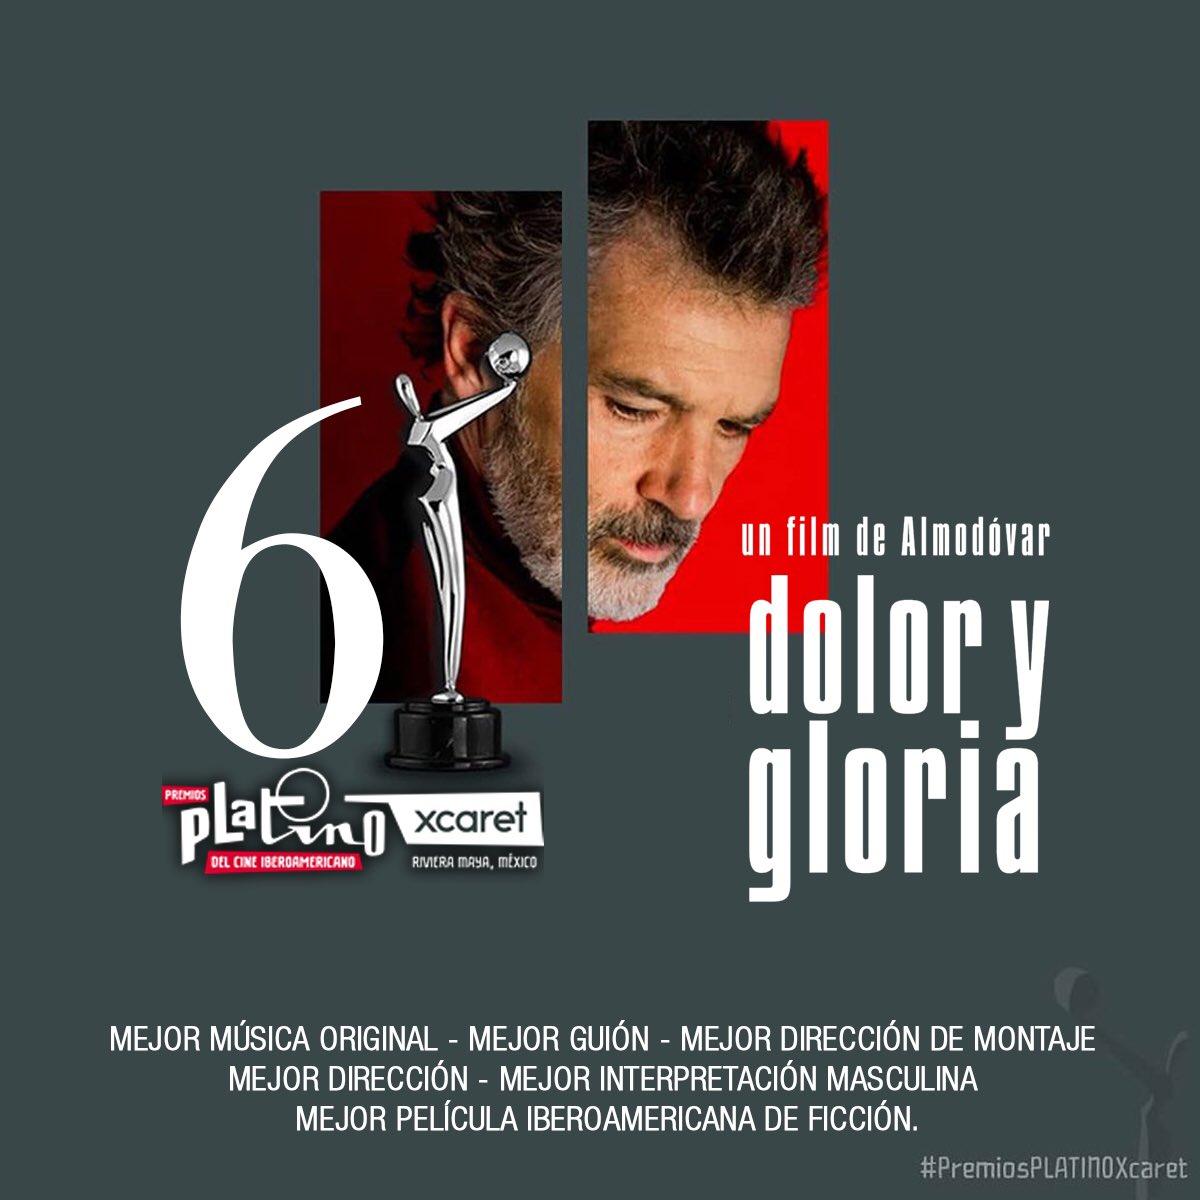 """""""Dolor y Gloria"""" recibe 6 Premios Platino. ¡Muchísimas gracias de parte de todo el equipo!!!  """"Pain and Glory"""" receives 6 Premios Platino. Thank you so much from P&G team!!! ____  @eldeseo @sonyclassics @PremiosPLATINO  #PremiosPLATINOXcaret #DolorYGloria #PainAndGlory https://t.co/7a3In56Wn5"""